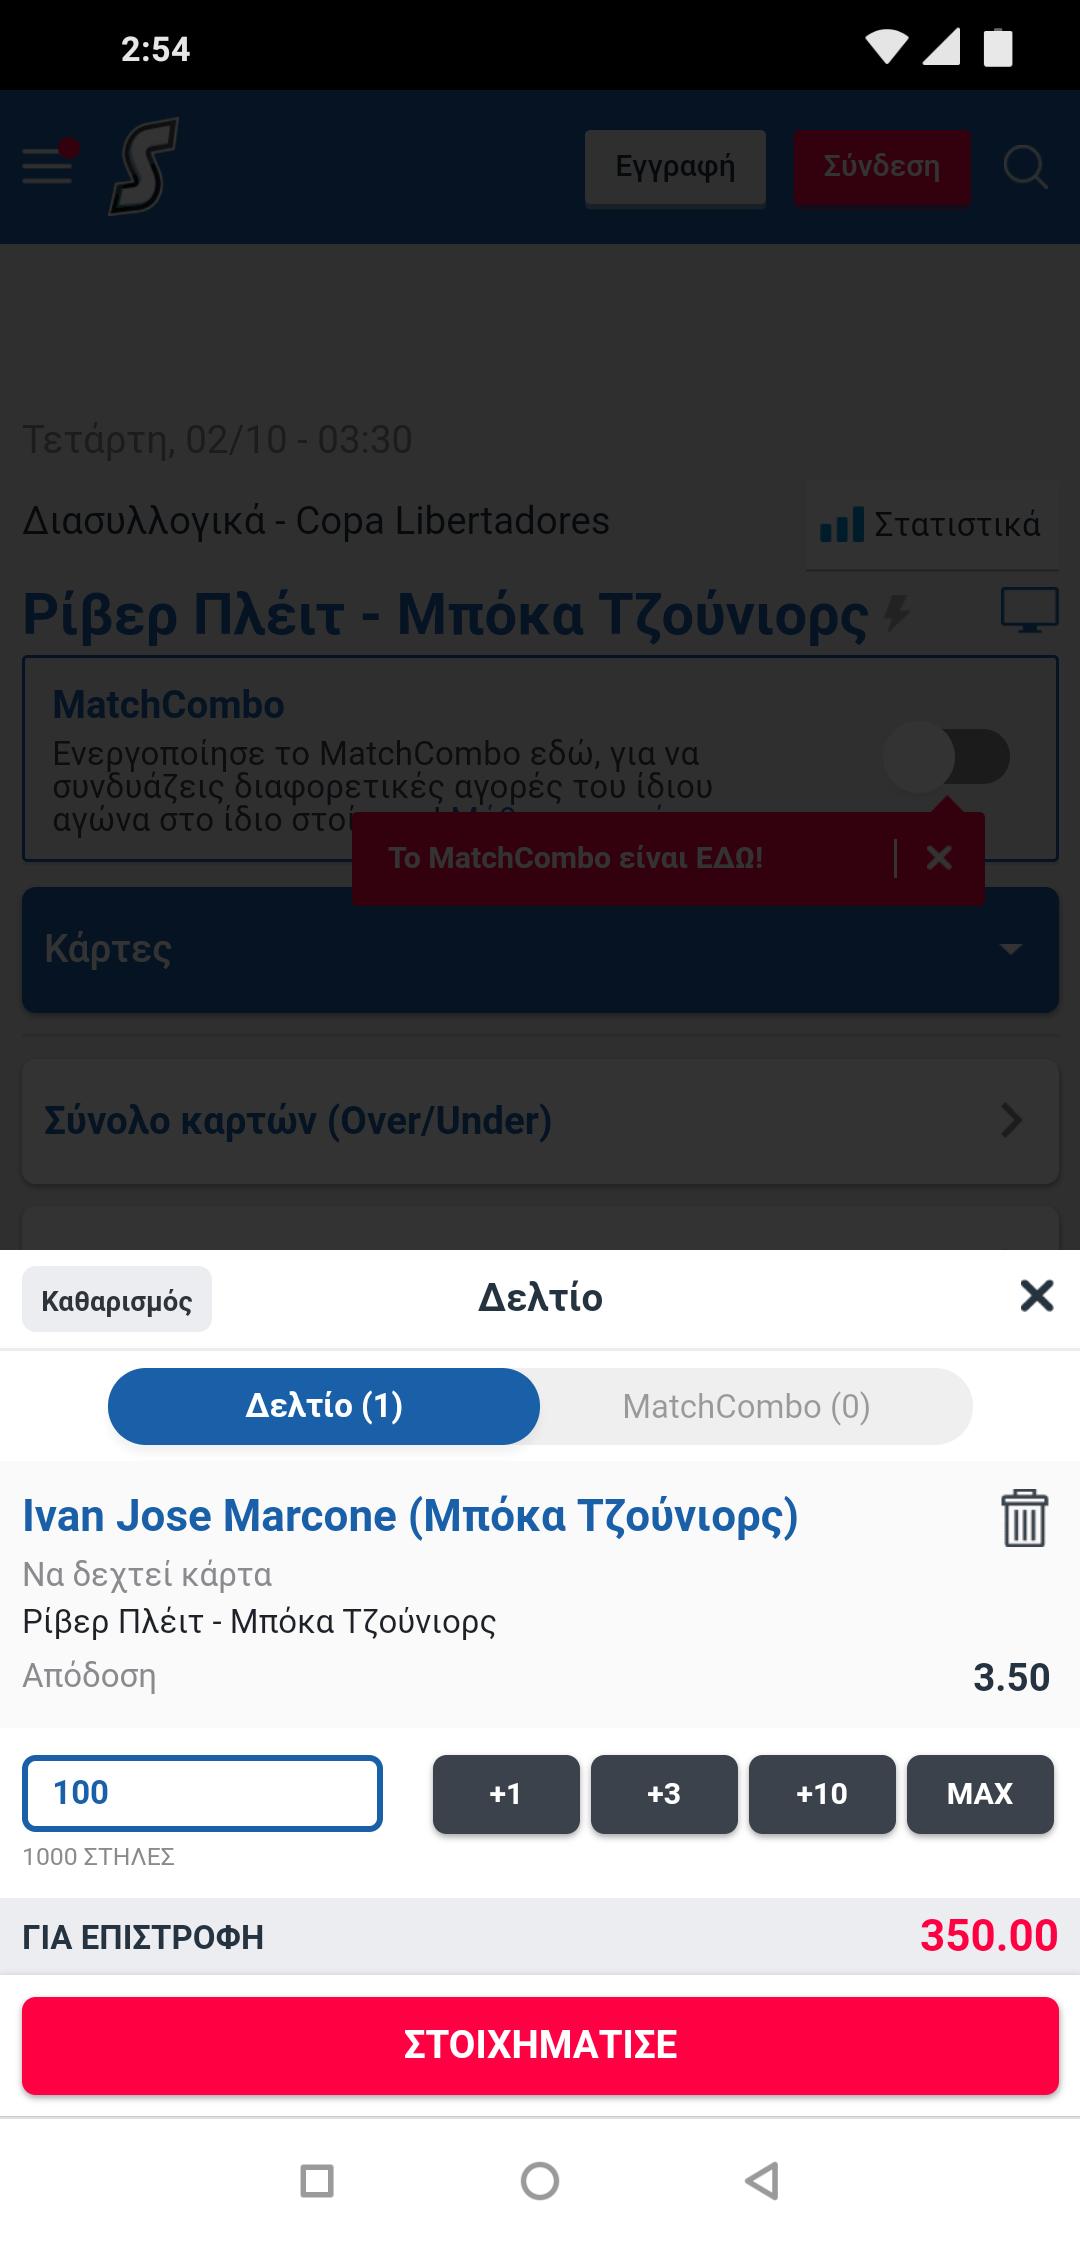 Screenshot_2019-10-02-02-54-35-337_com.android.chrome.png